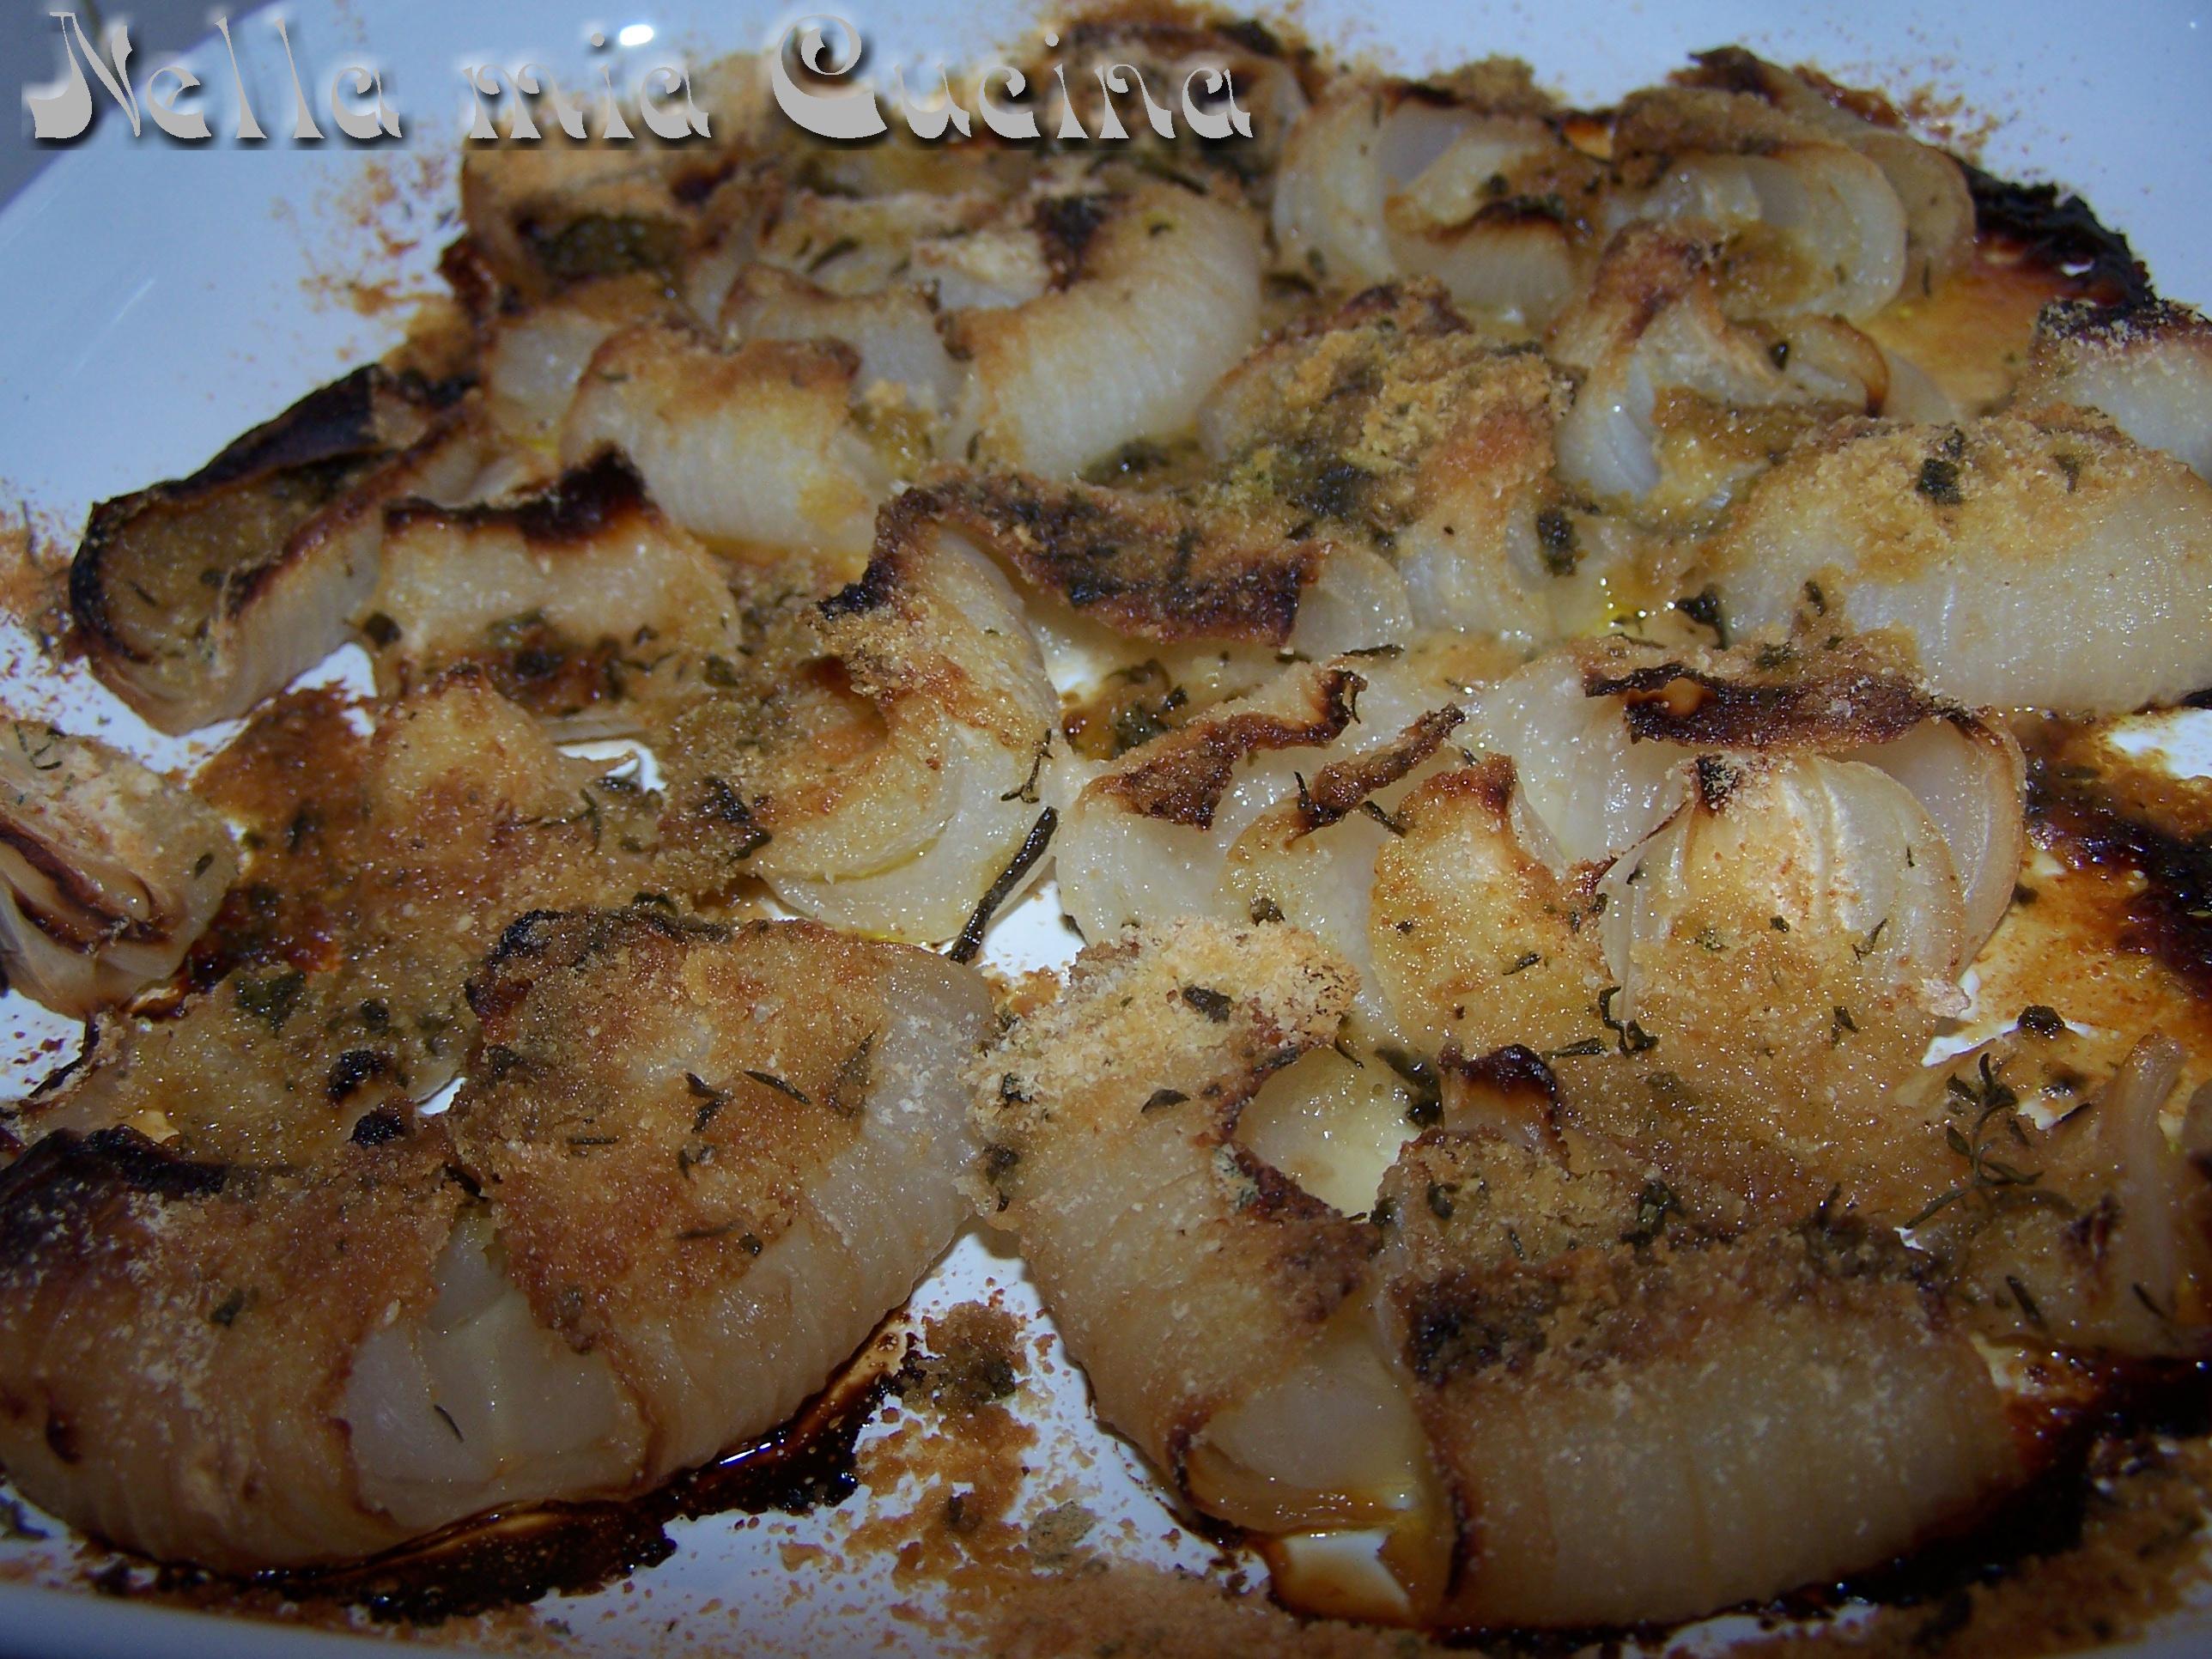 Cipolle gratinate al forno miriam nella mia cucina for Cucinare nei vari dialetti italiani